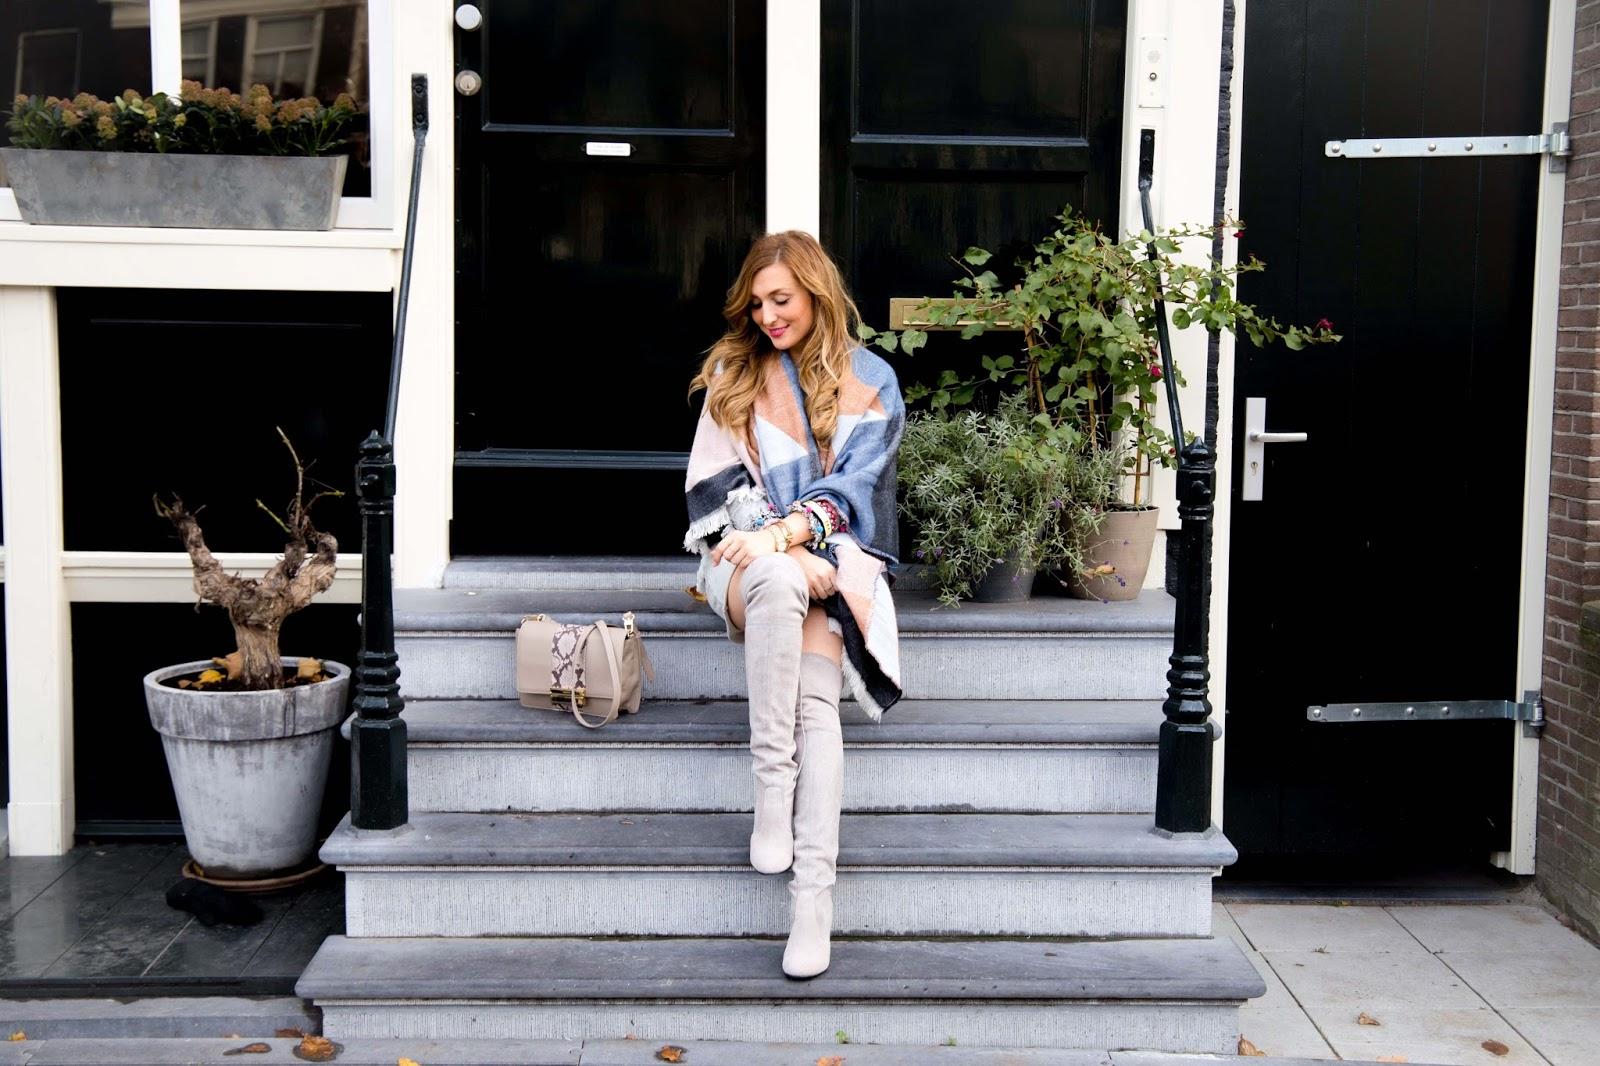 graue-overknees-Fashionstylebyjohanna-blogger-aus-deutschland-lifestyleblogger-grazia-magazin-was-ist-derzeit-im-trend